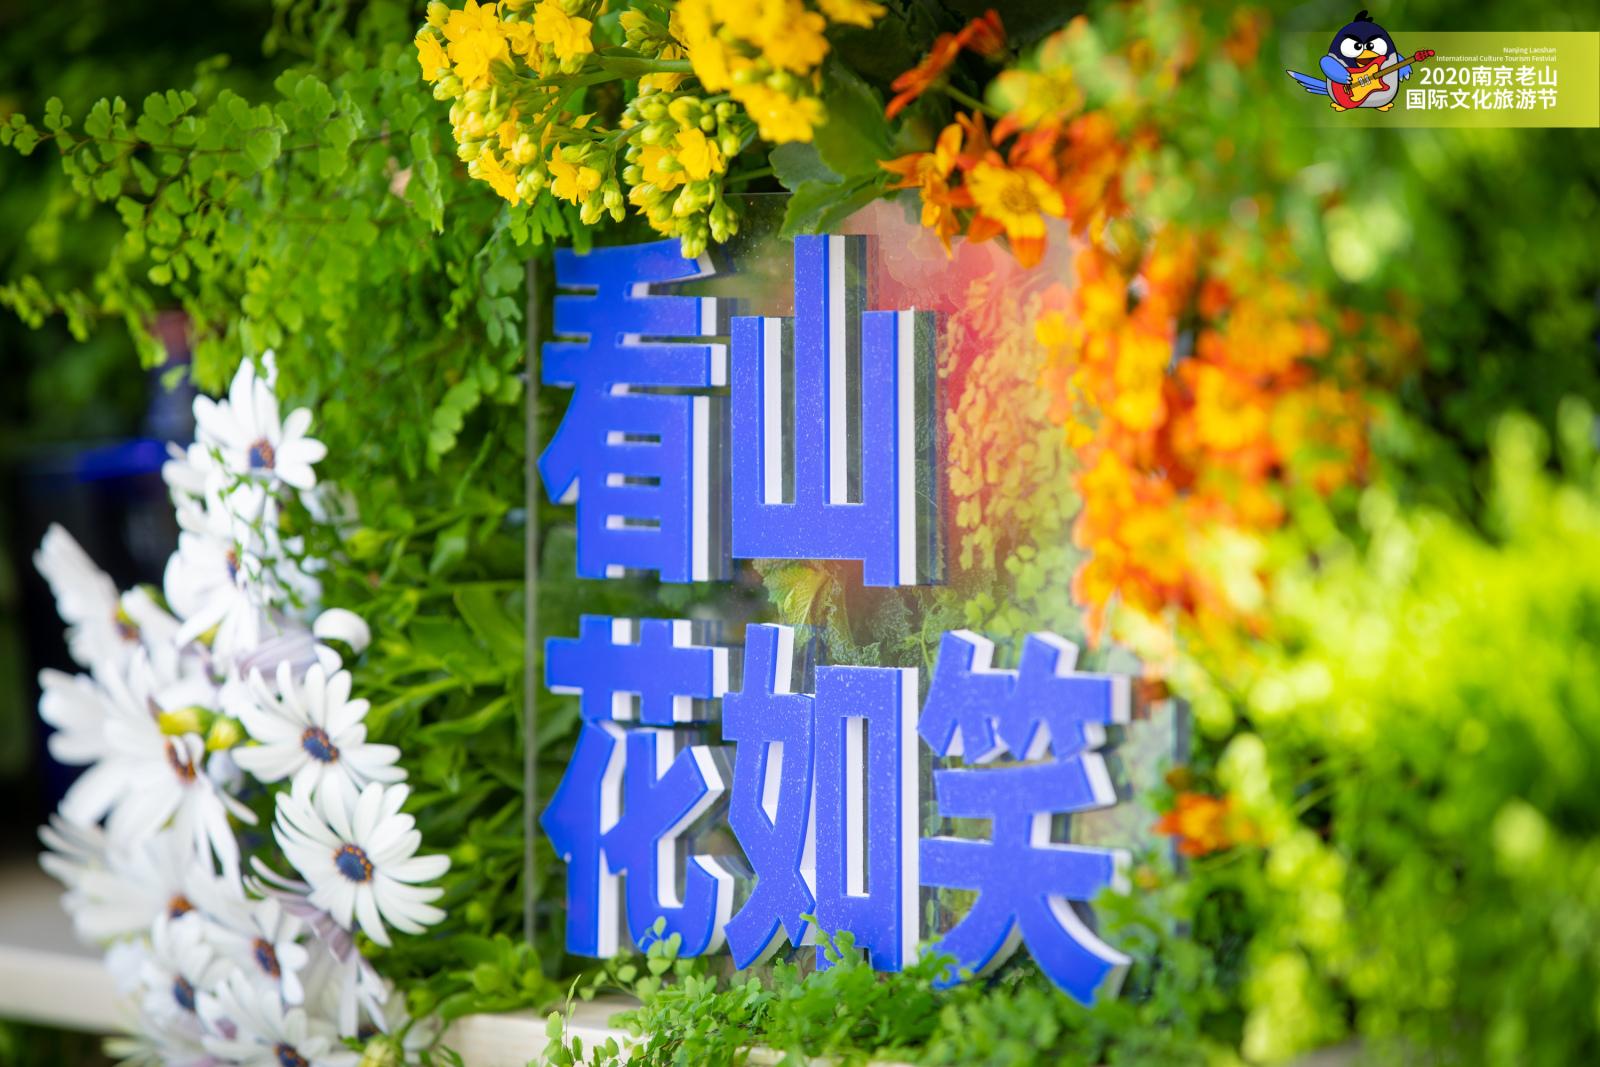 首届南京老山国际文化旅游节暨云音乐节开幕